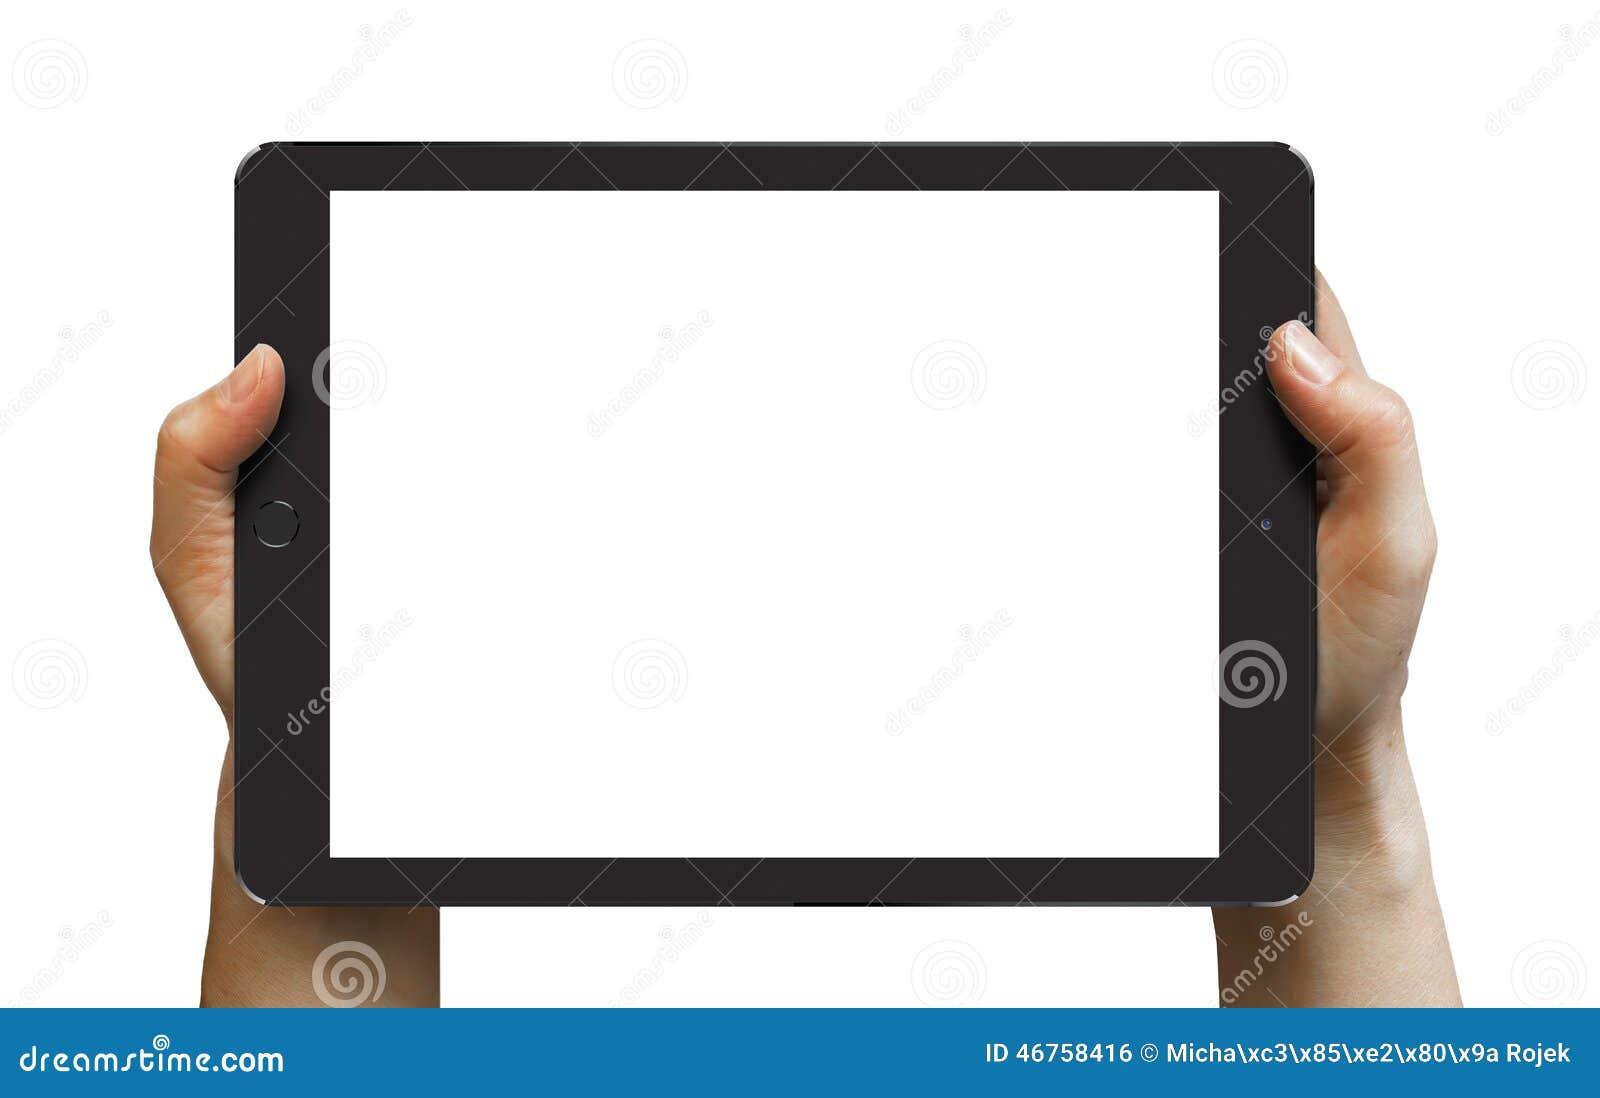 Aria nera 2 del iPad in mani della donna